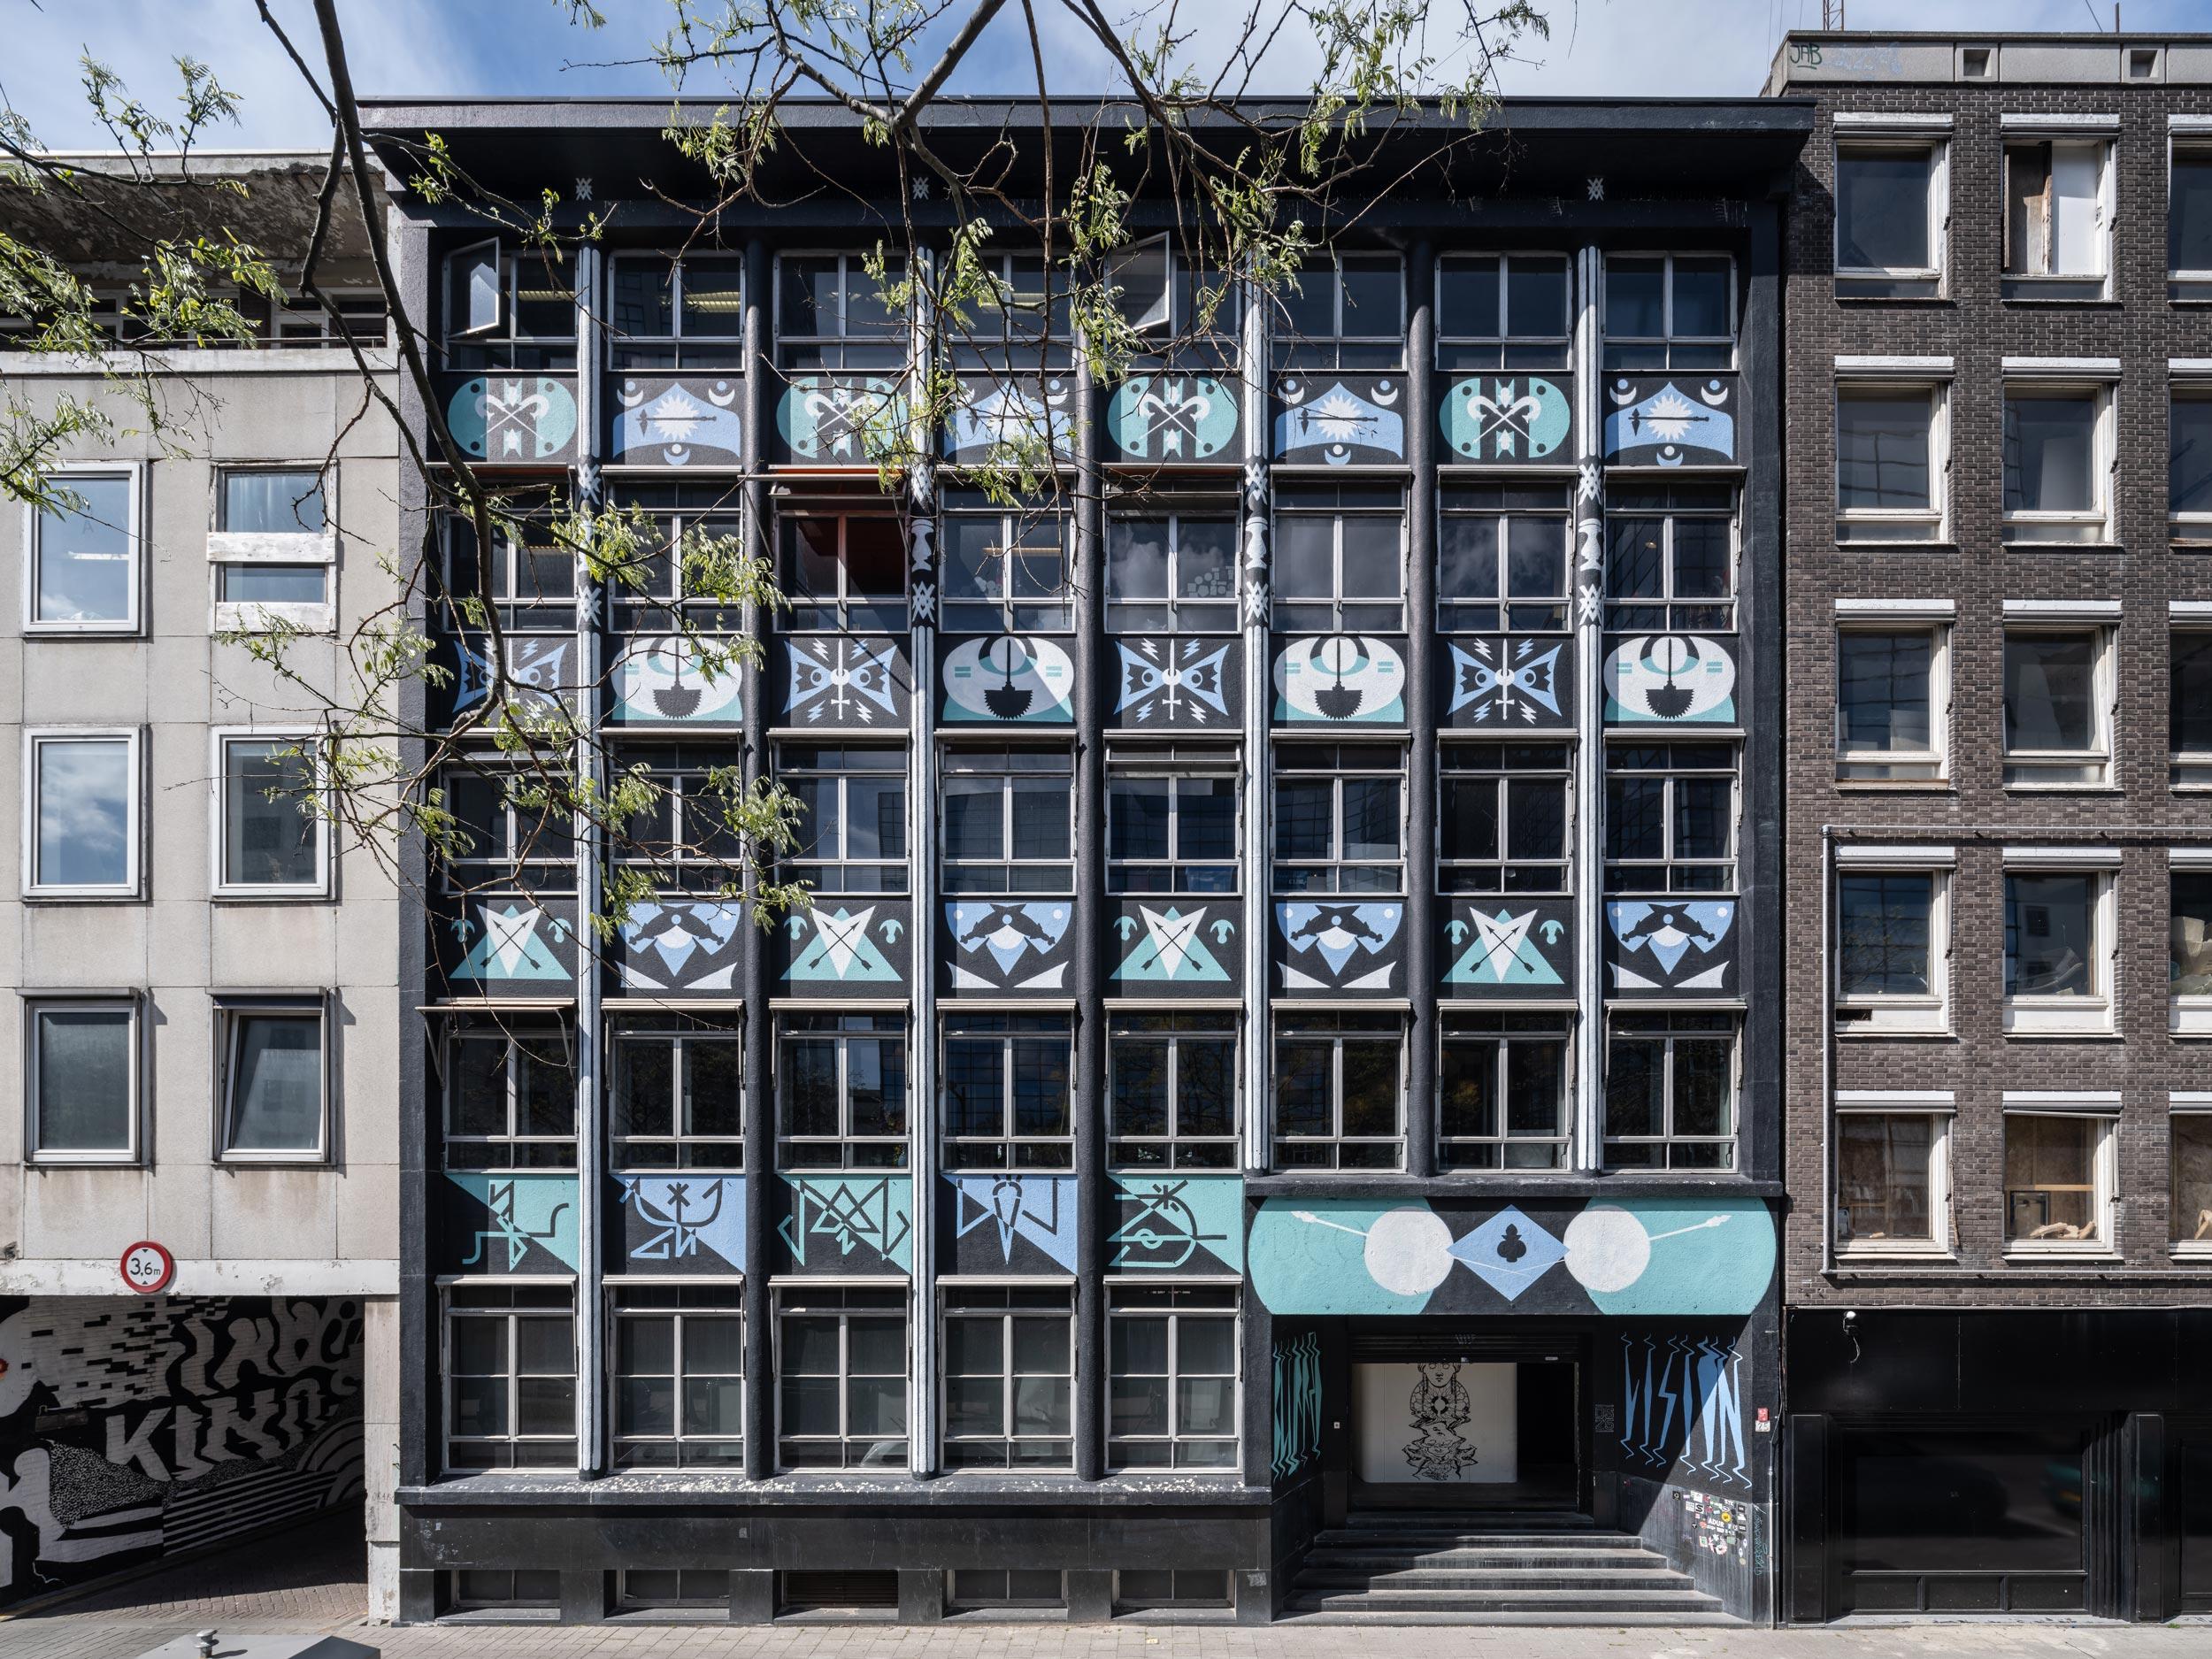 03_Delftsestraat_2020_©Ossip